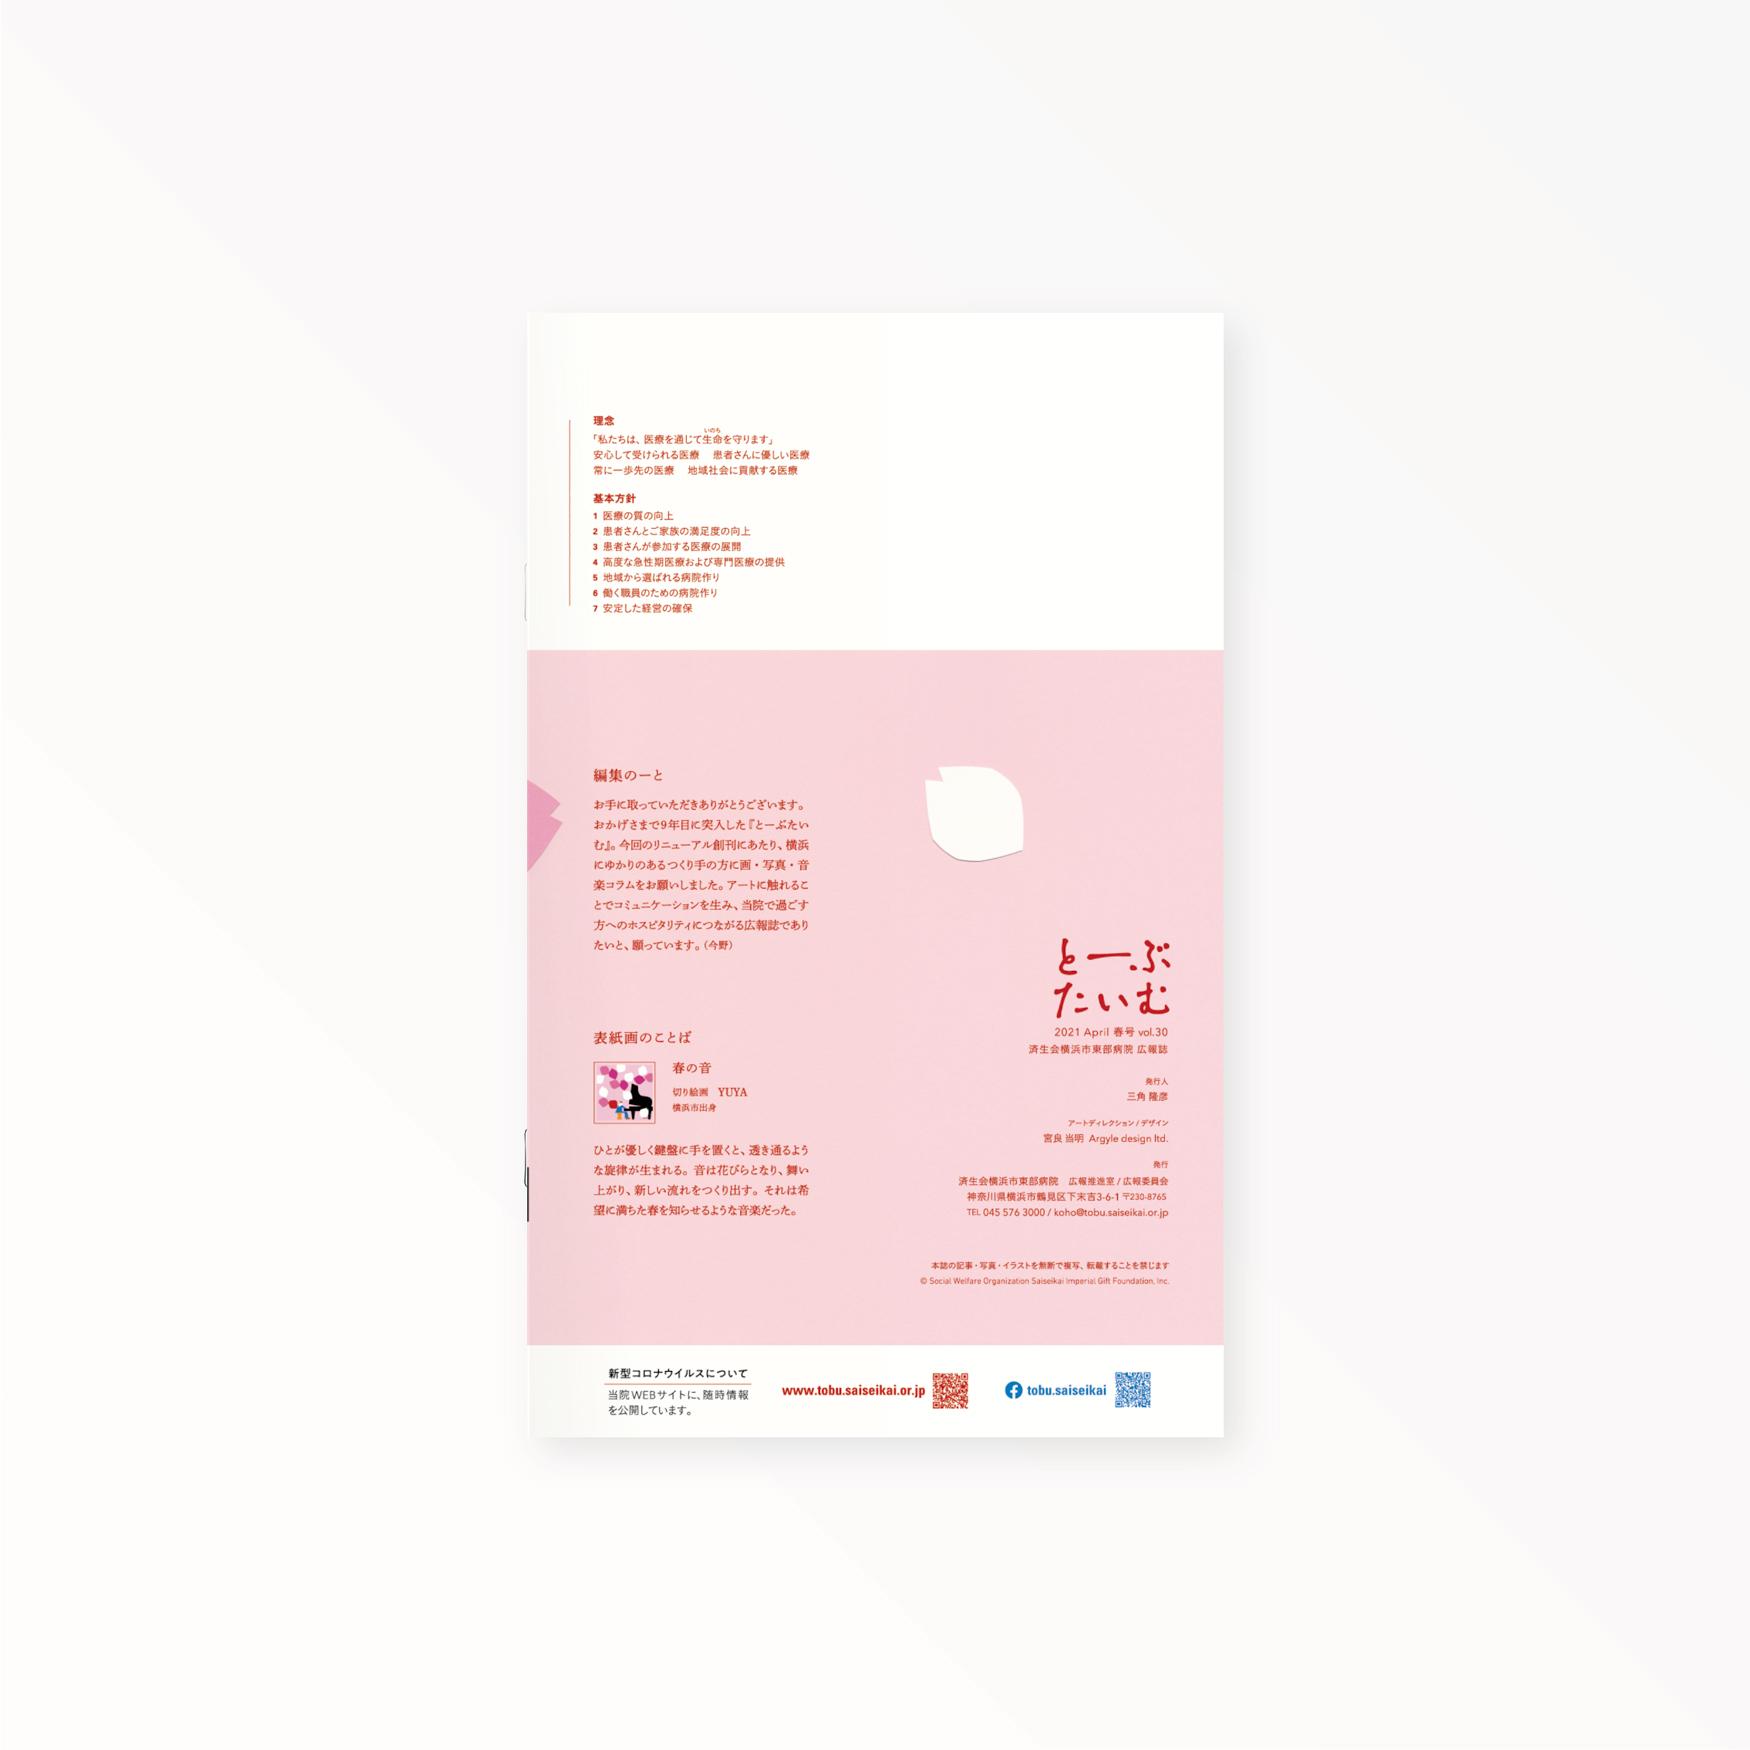 とーぶたいむ 30 春号 PR広報誌 済生会横浜市東部病院 アートディレクション グラフィックデザイン 編集エディトリアルデザイン ブックデザイン タイトルロゴ 神奈川県横浜市